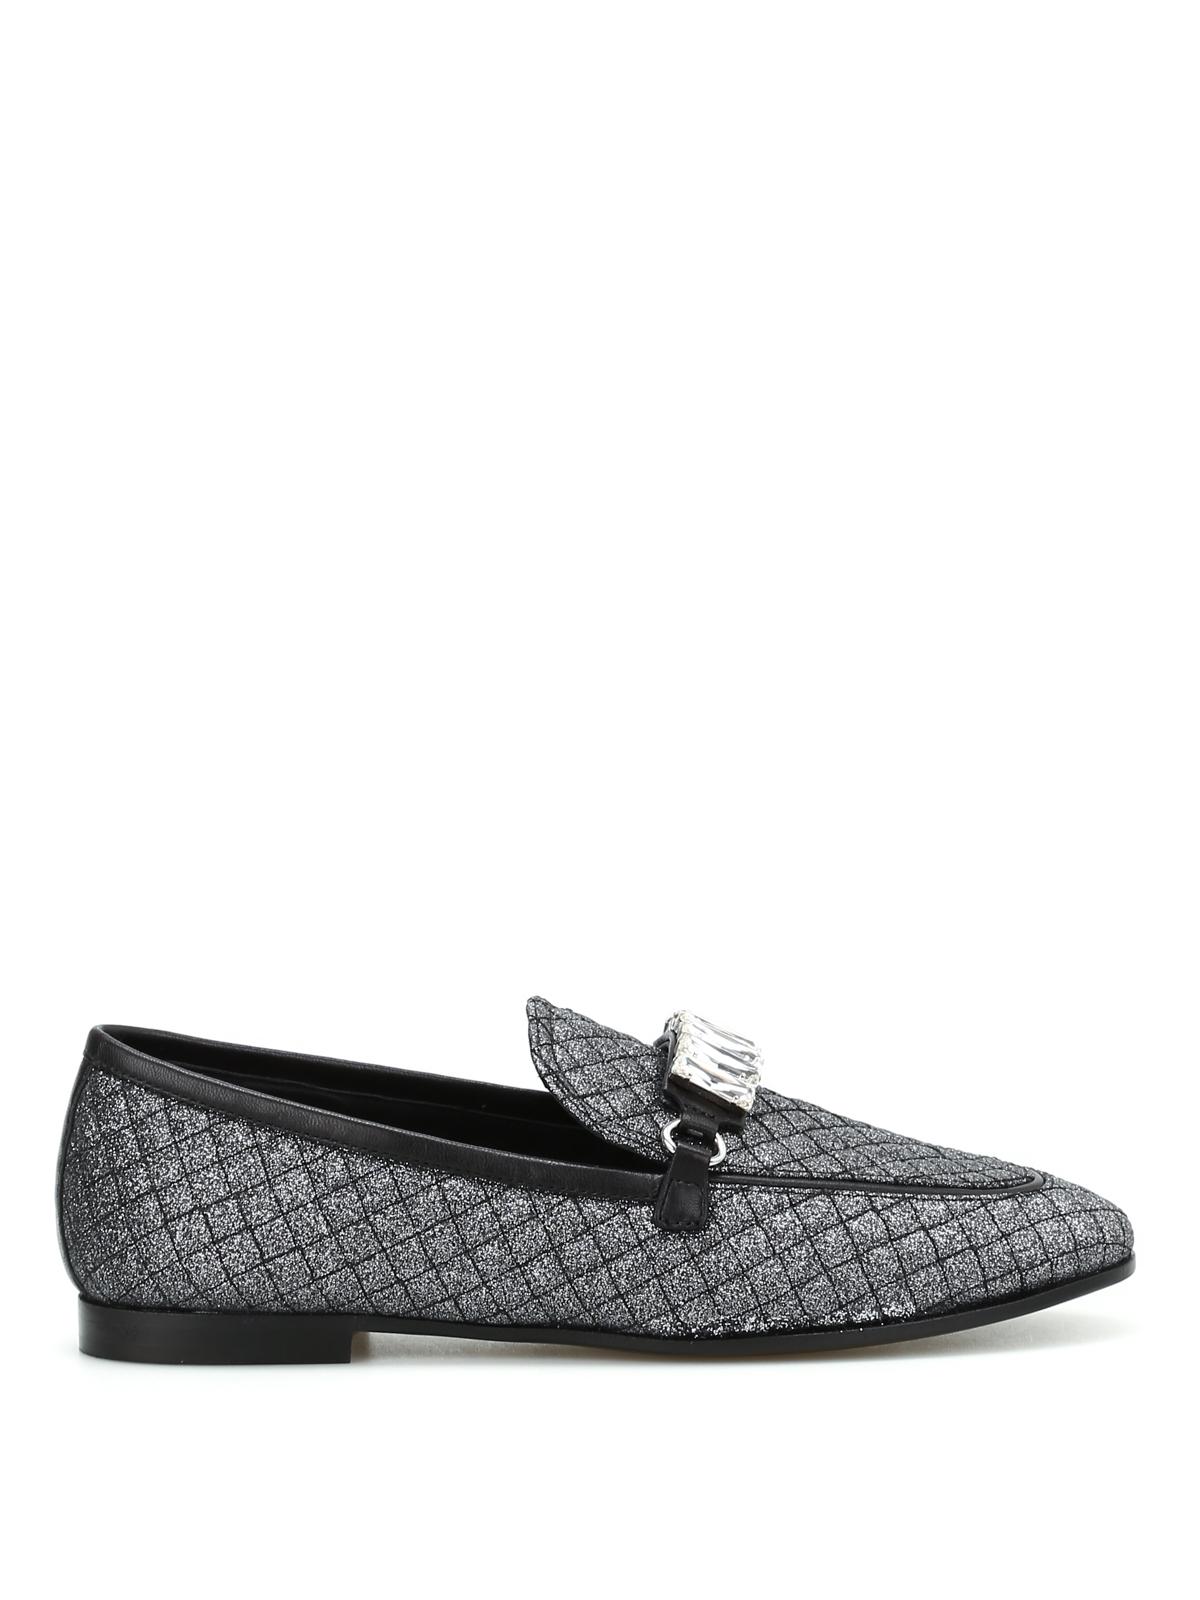 glittered loafers Giuseppe Zanotti dnerxomz